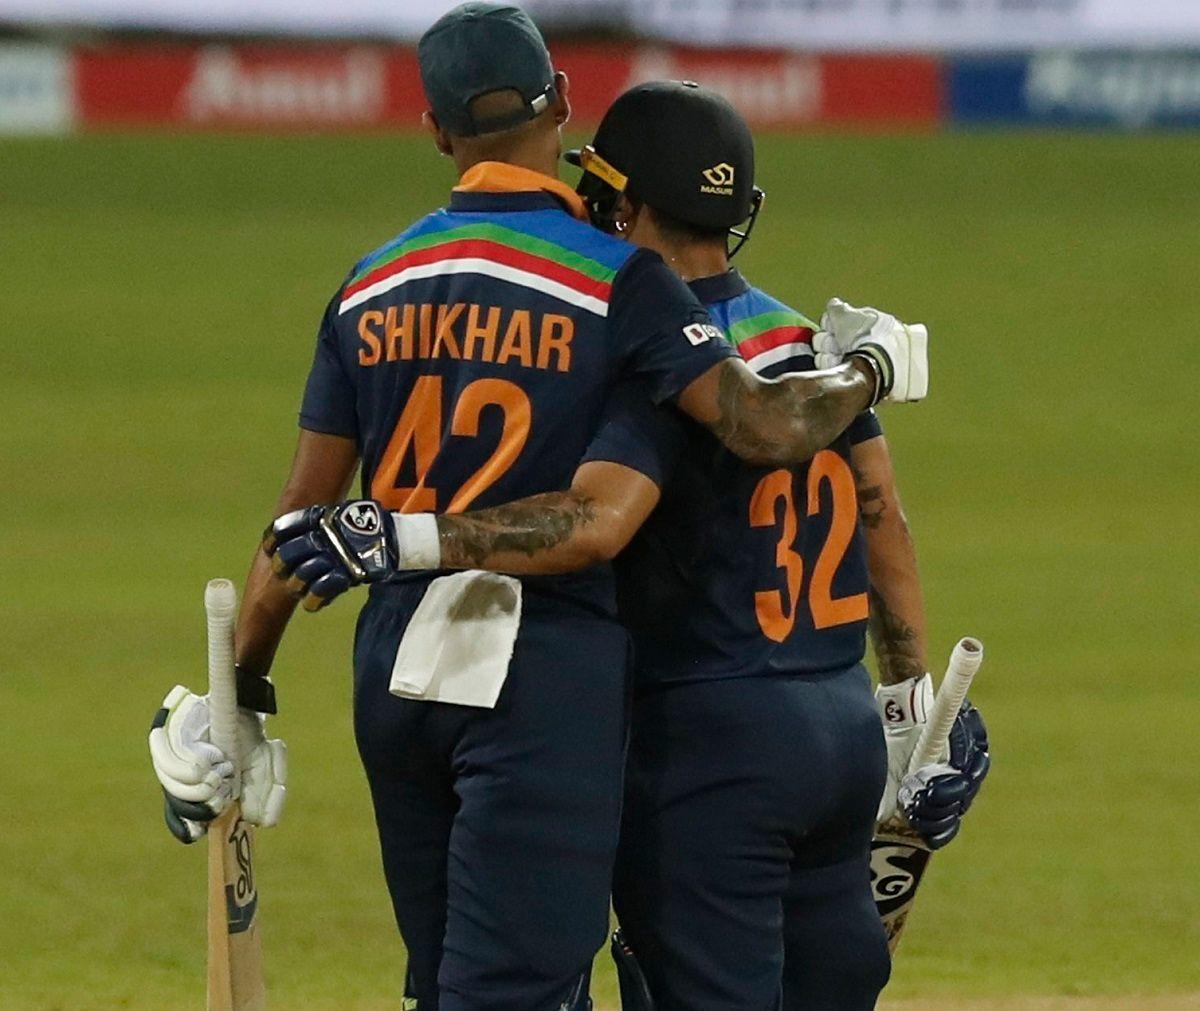 Ishan Kishan with Shikhar Dhawan